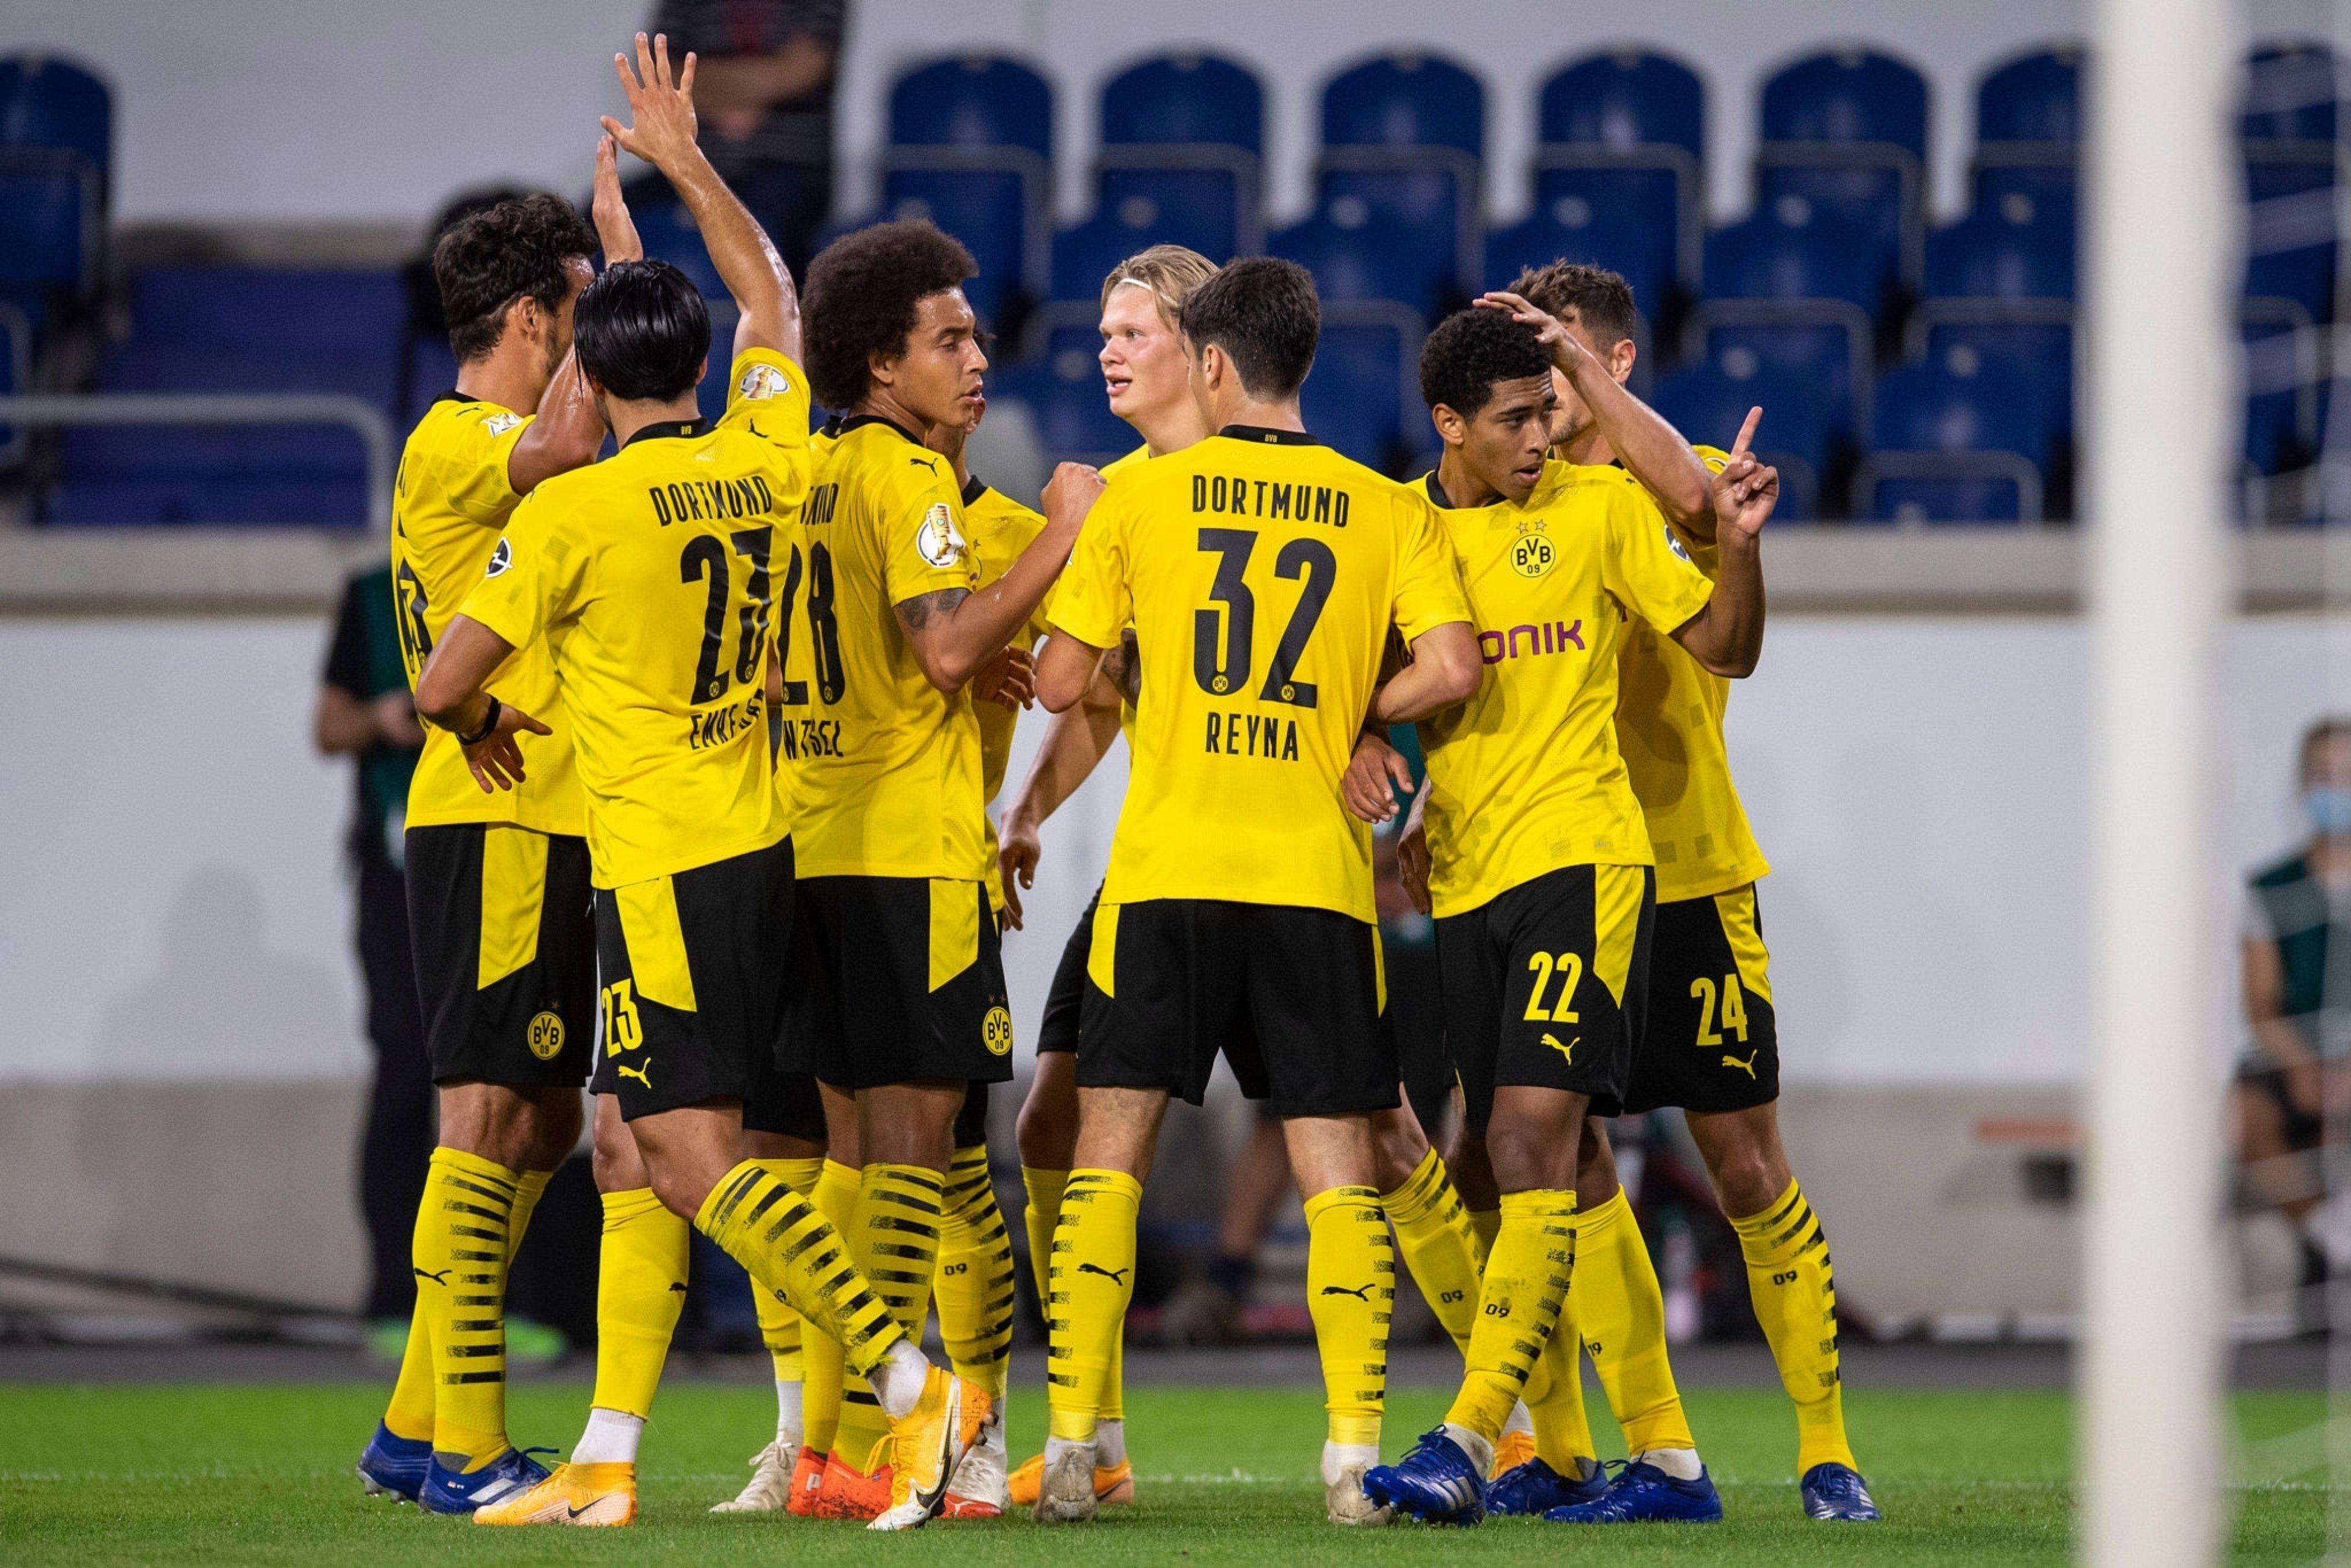 Дуйсбург – Боруссия Д 0:5. Санчо остается и забивает гол, явление Беллингема - изображение 1